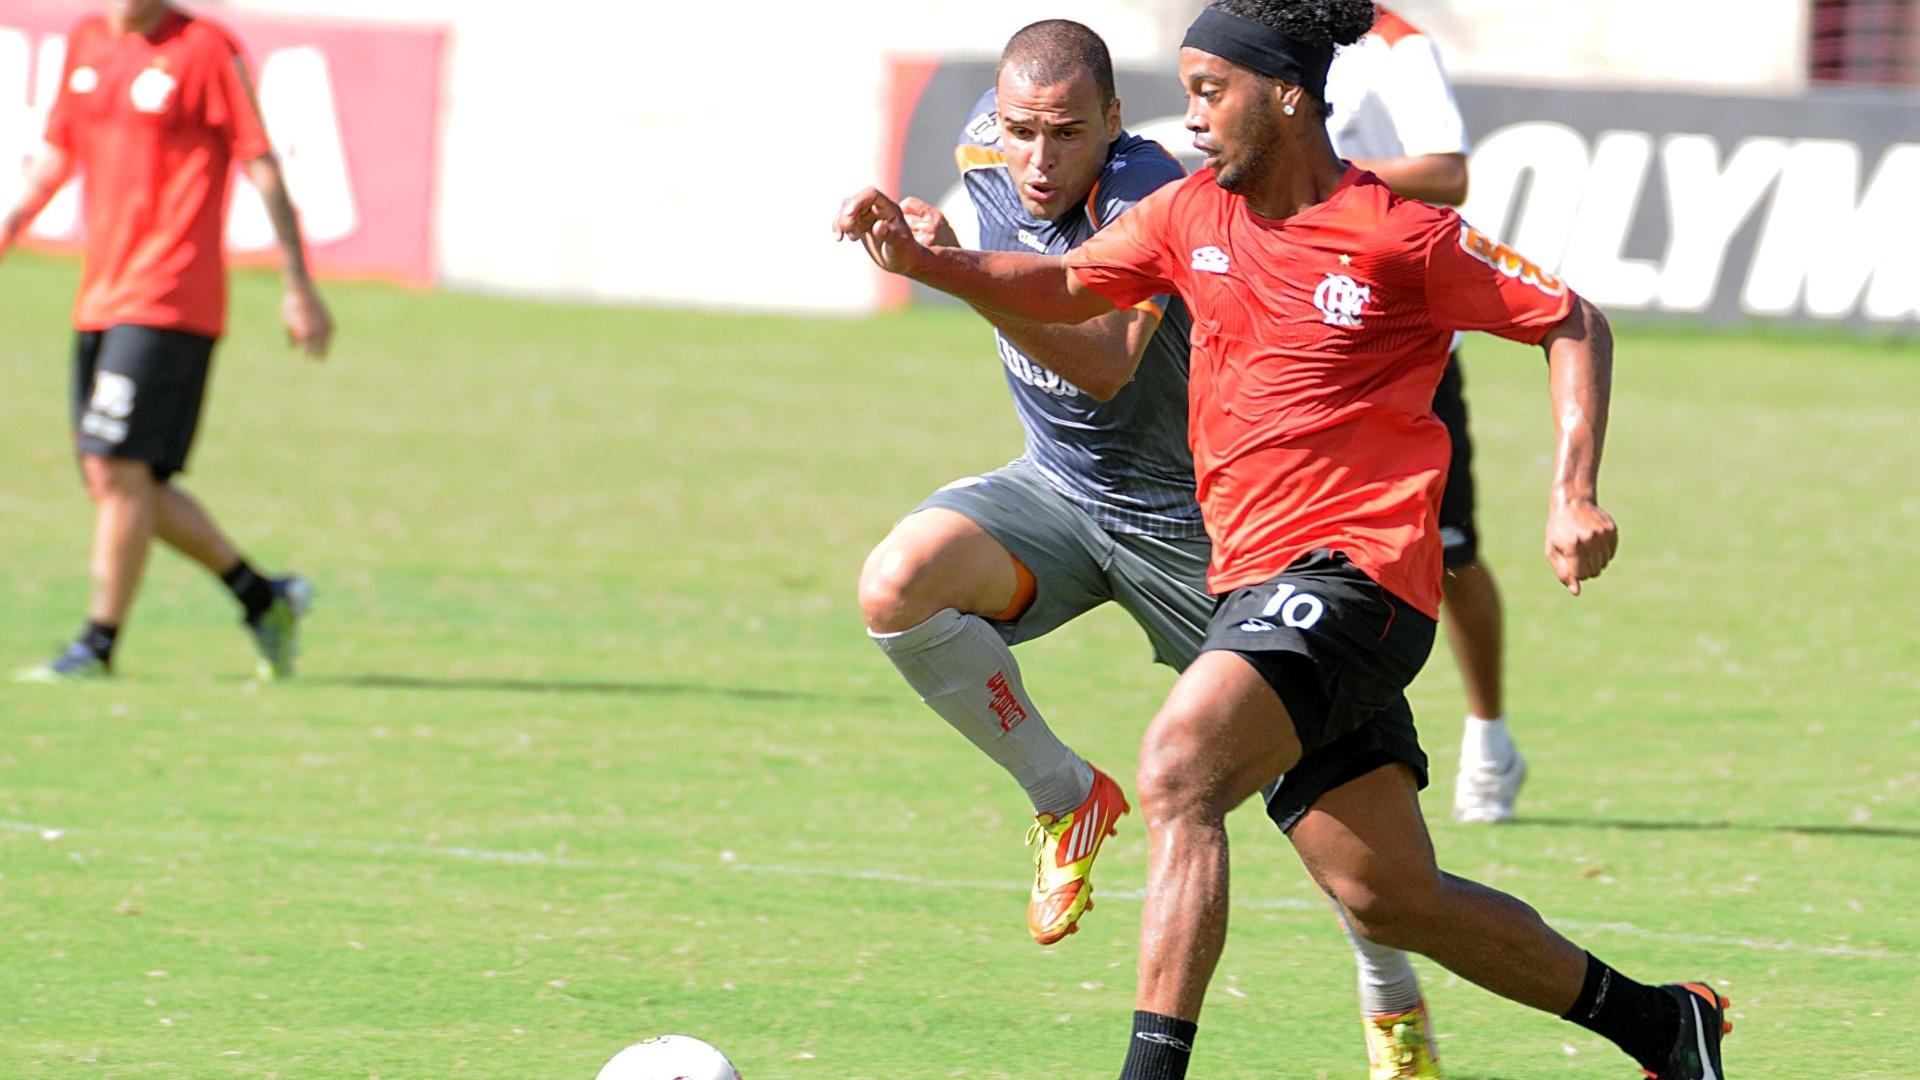 Ronaldinho carrega a bola em jogo-treino do Flamengo contra o Duque de Caxias (05/05/2012)